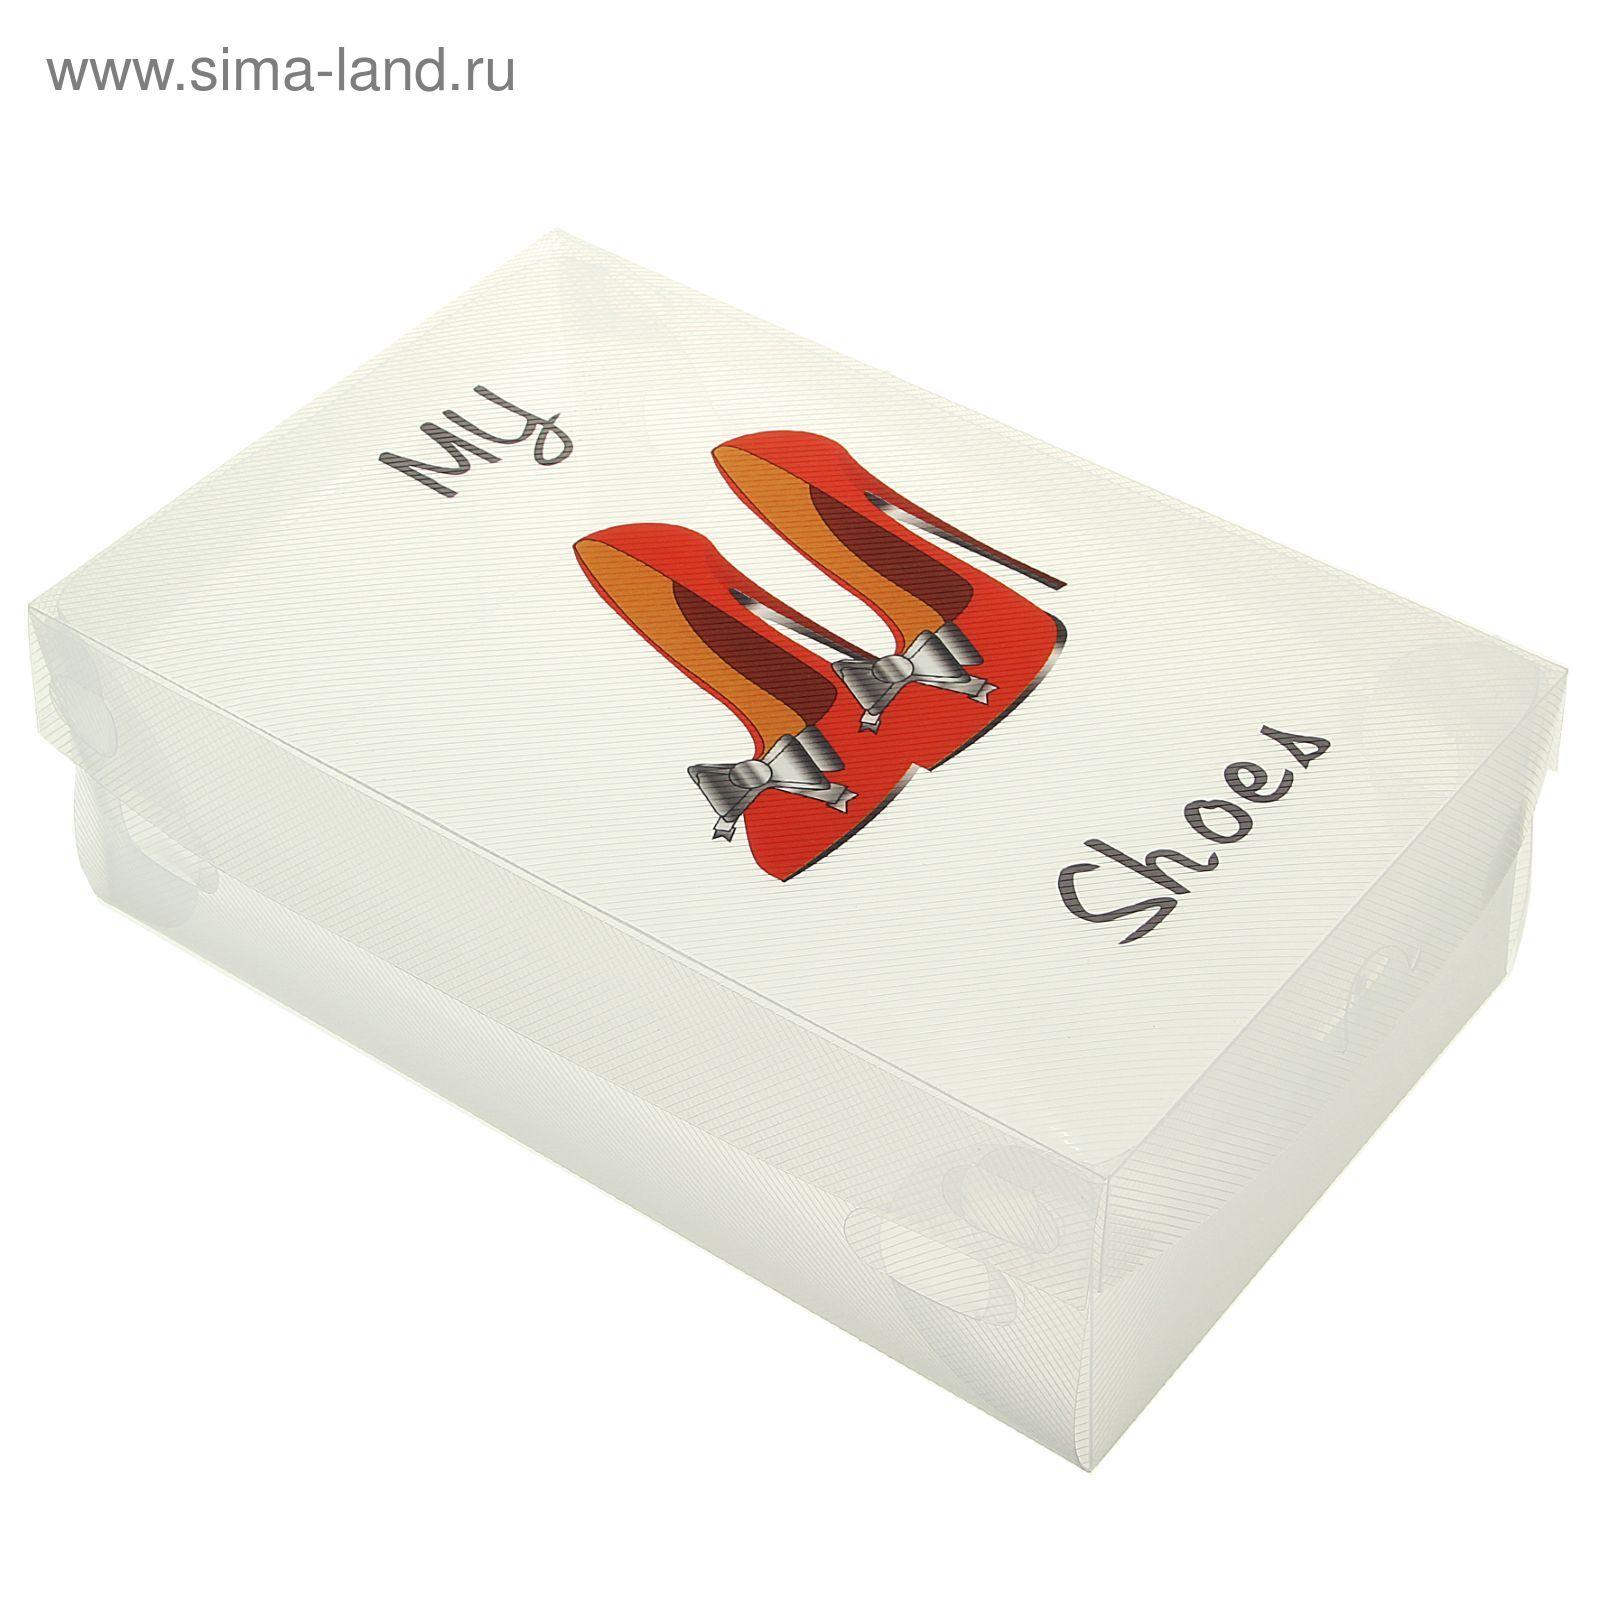 Короб для хранения обуви My Shoes (608975) - Купить по цене от 89.00 ... 66222eaea2f10